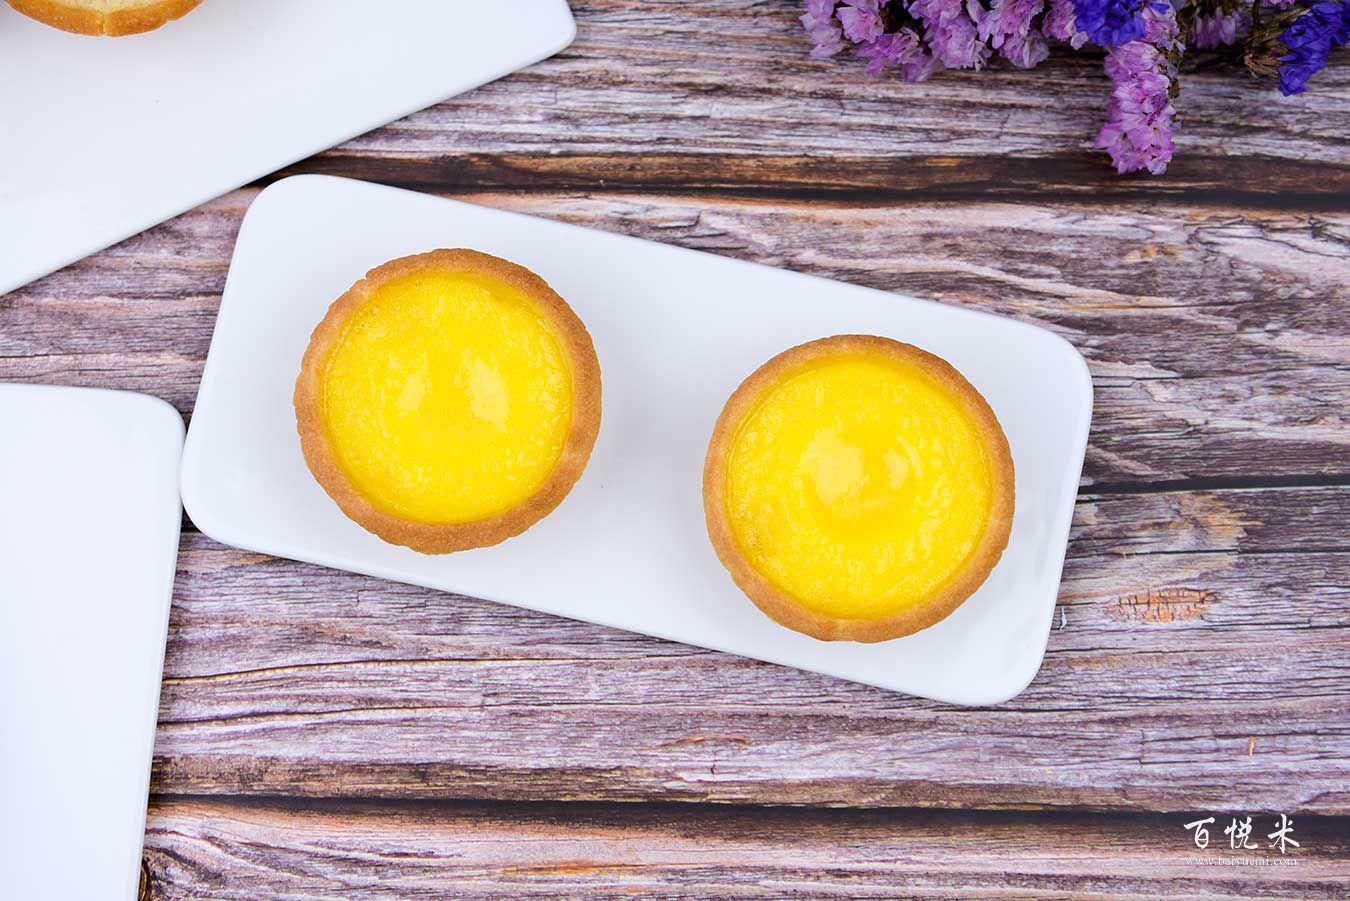 拿酥蛋挞高清图片大全【蛋糕图片】_605